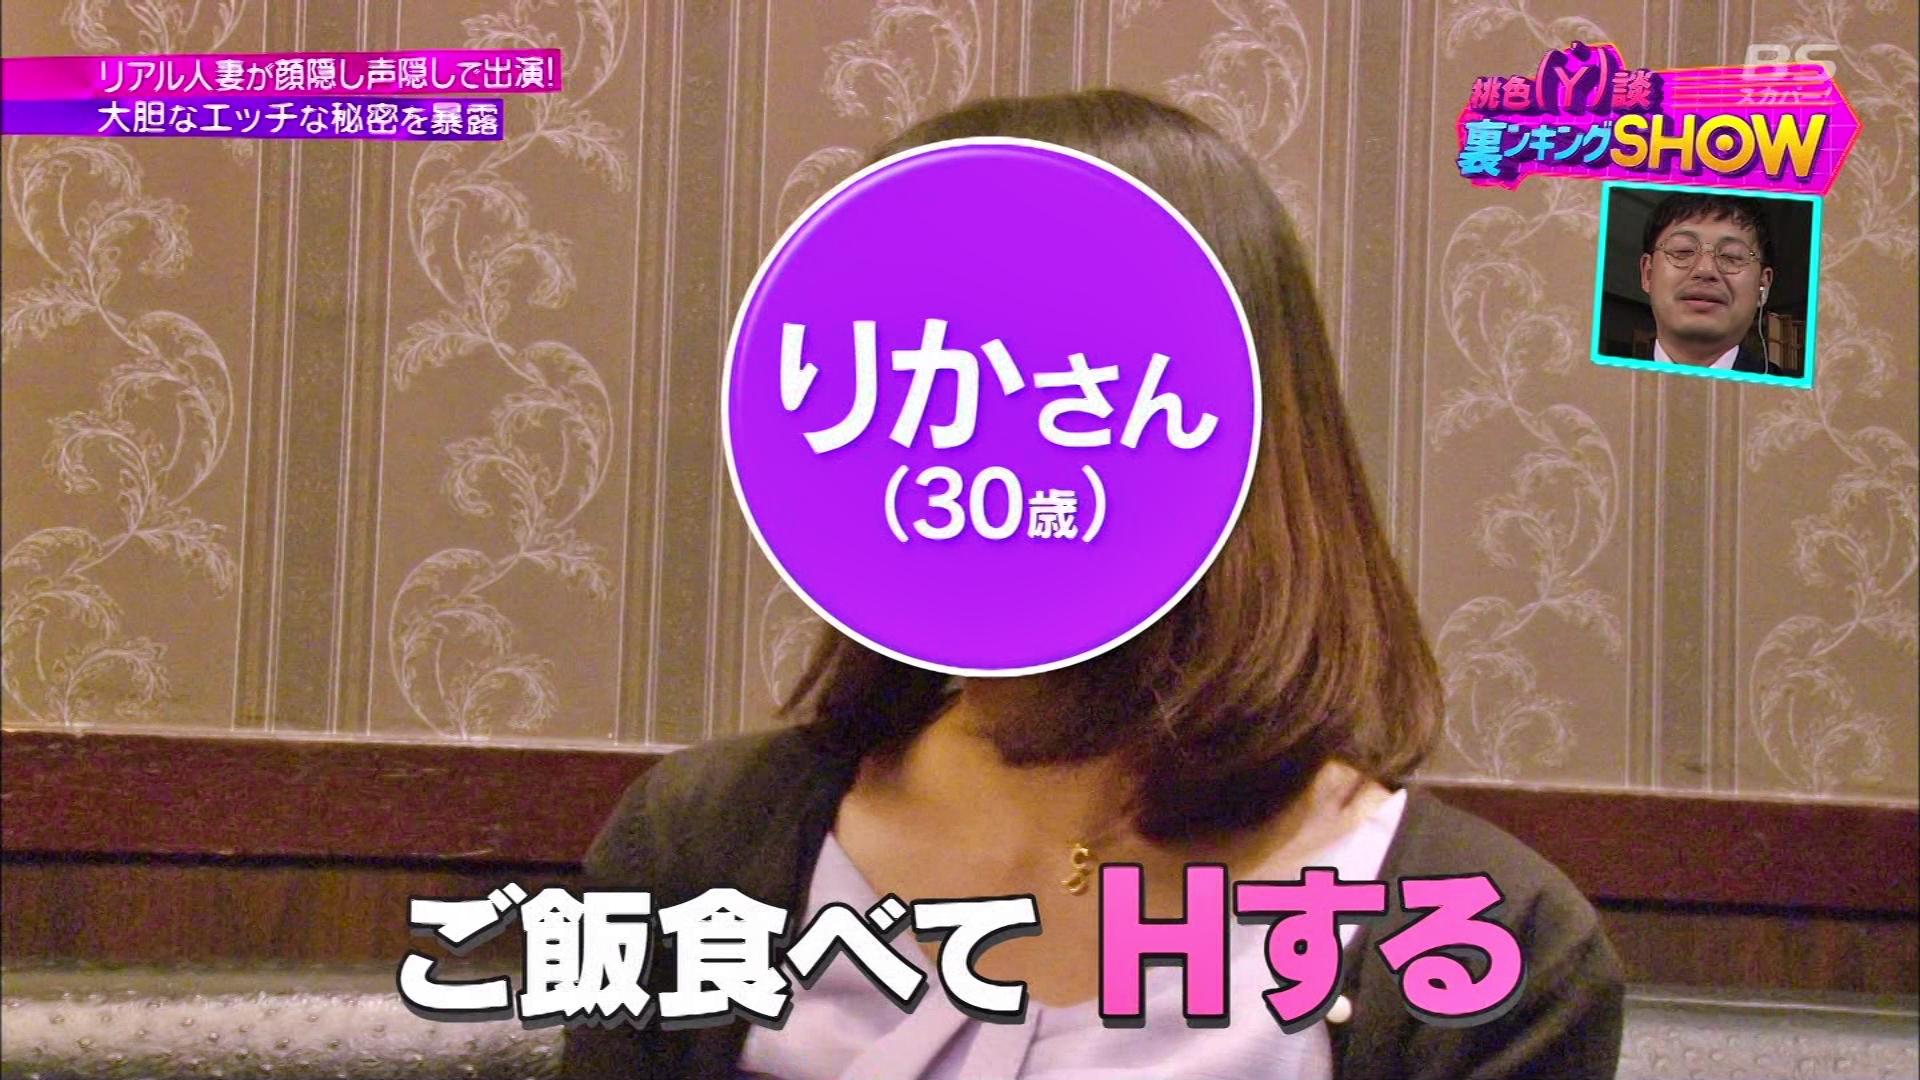 BSスカパー!「桃色Y談 裏ンキングSHOW」♯9「人妻のリアルな秘密」のテレビキャプチャー画像-050